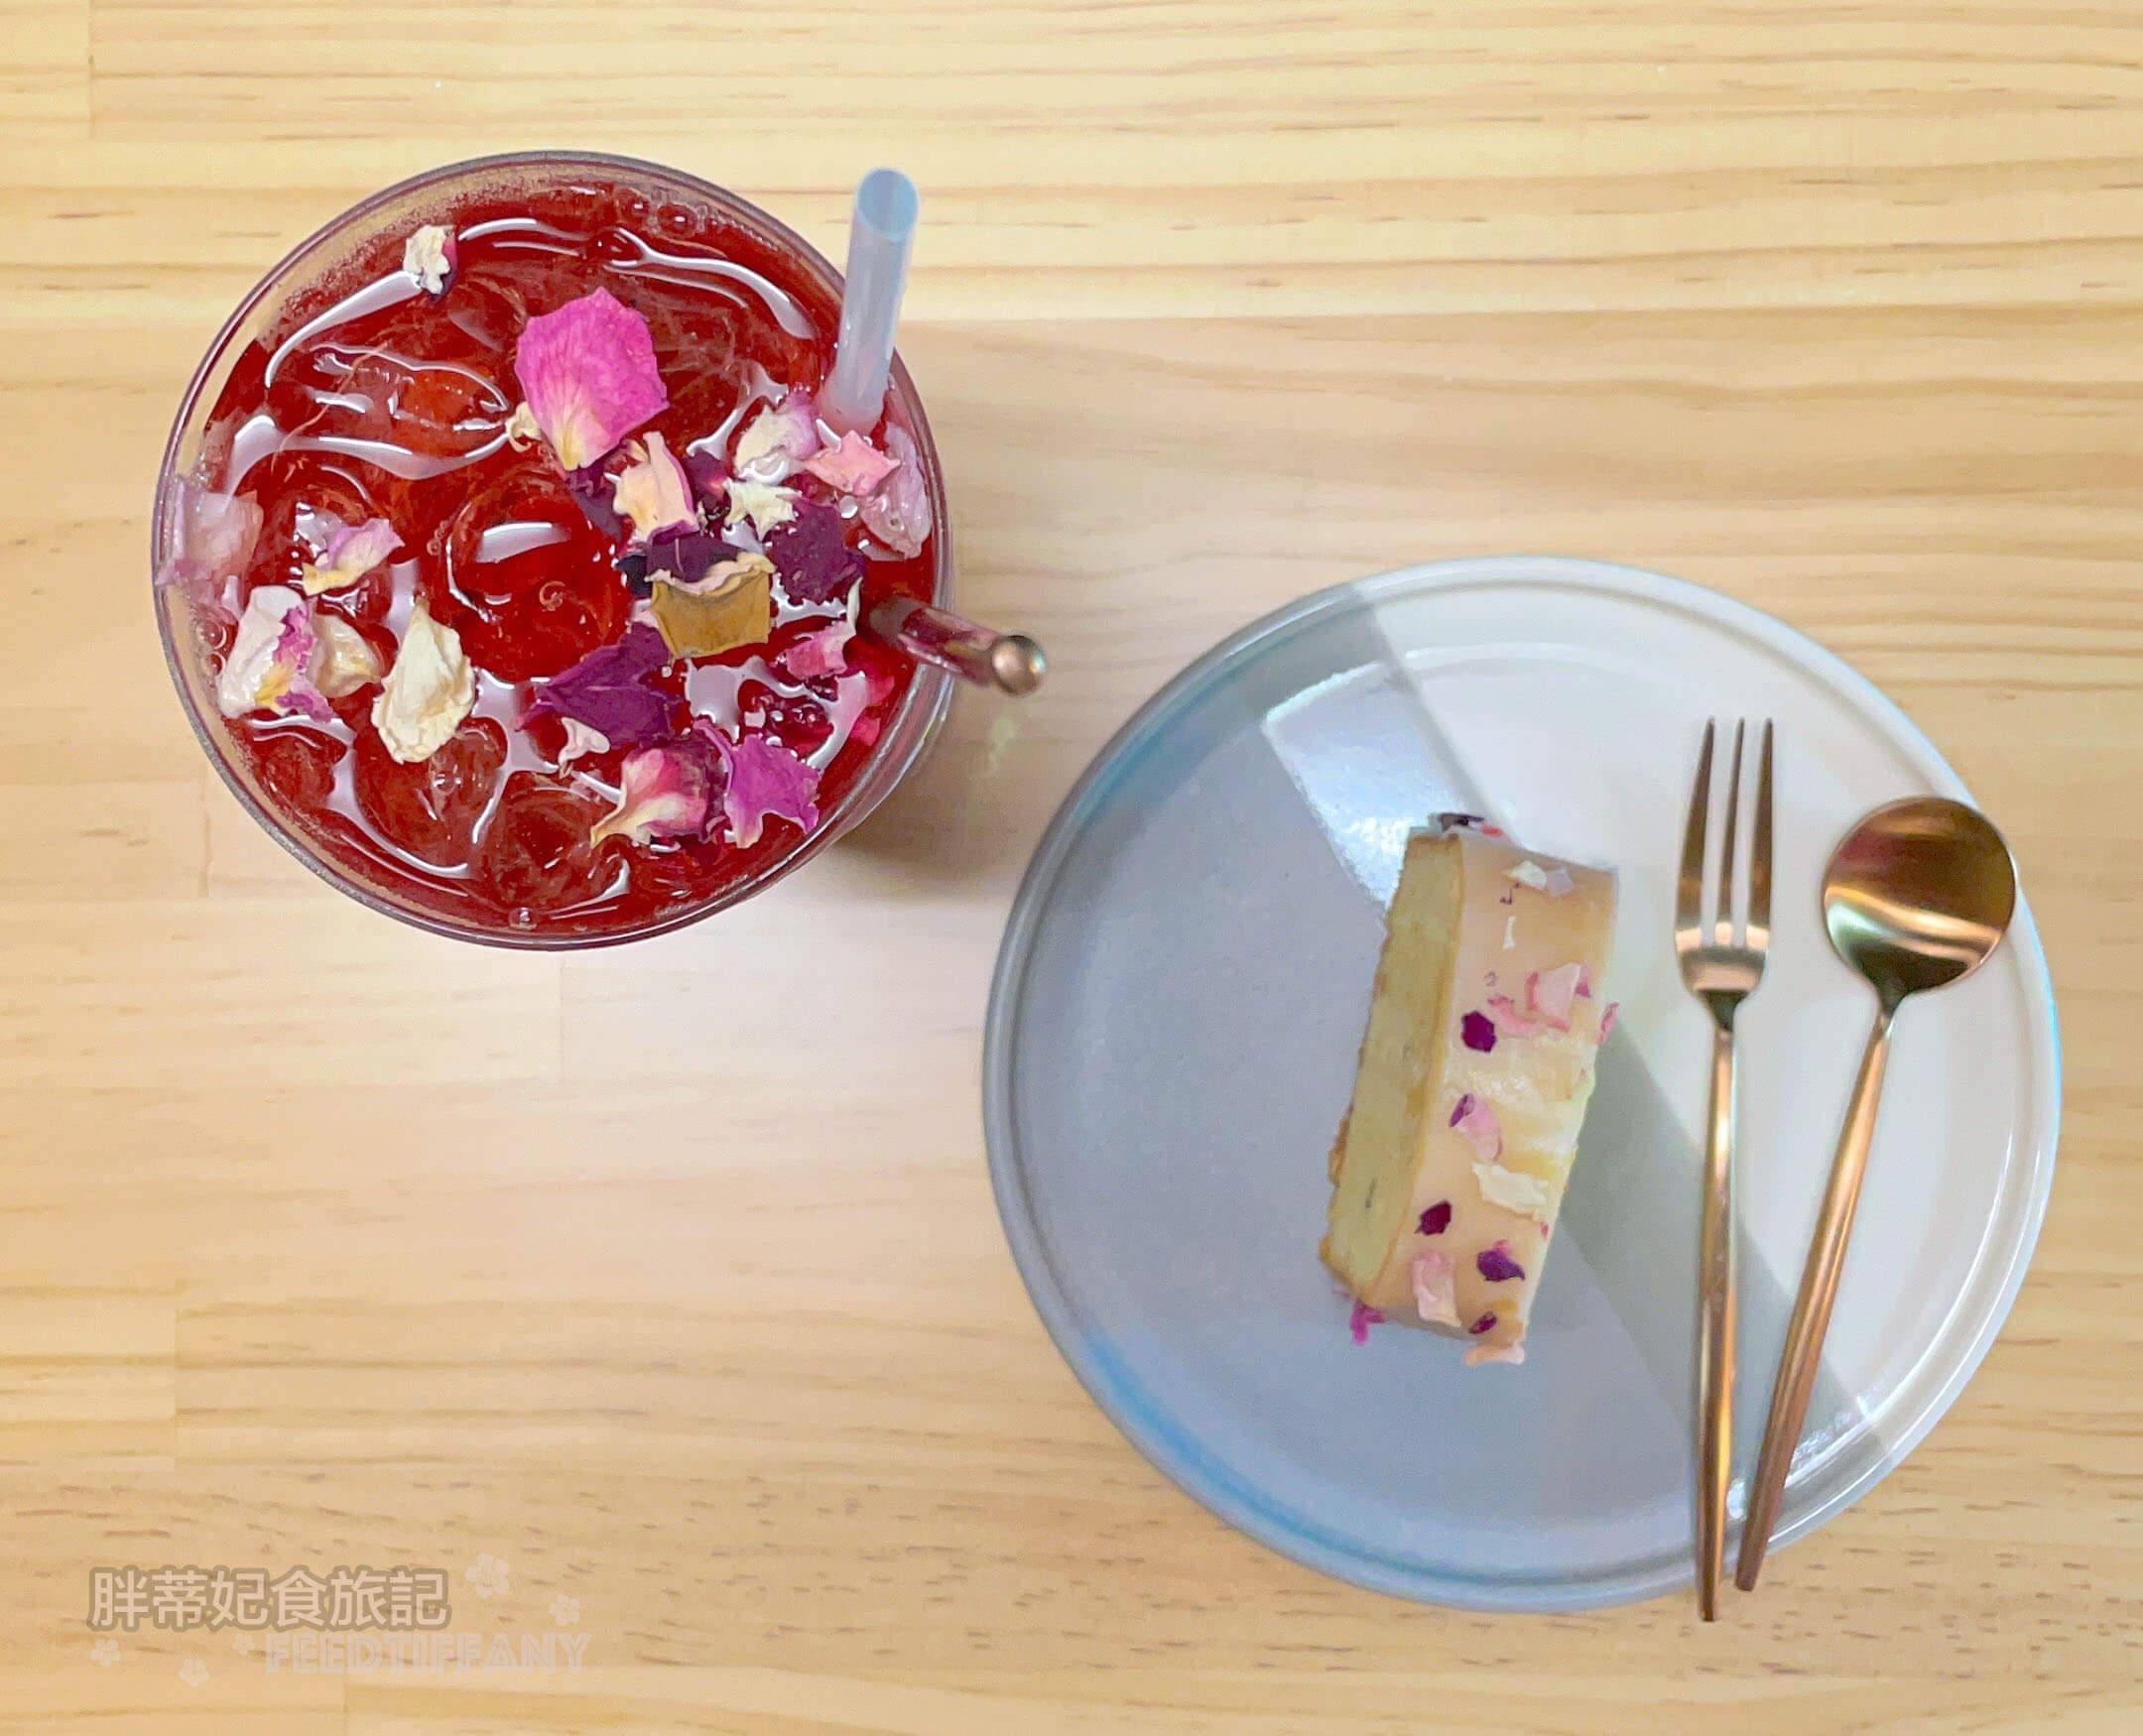 可貝塔 檸檬桂花蜜磅蛋糕與洛神玫瑰冰茶